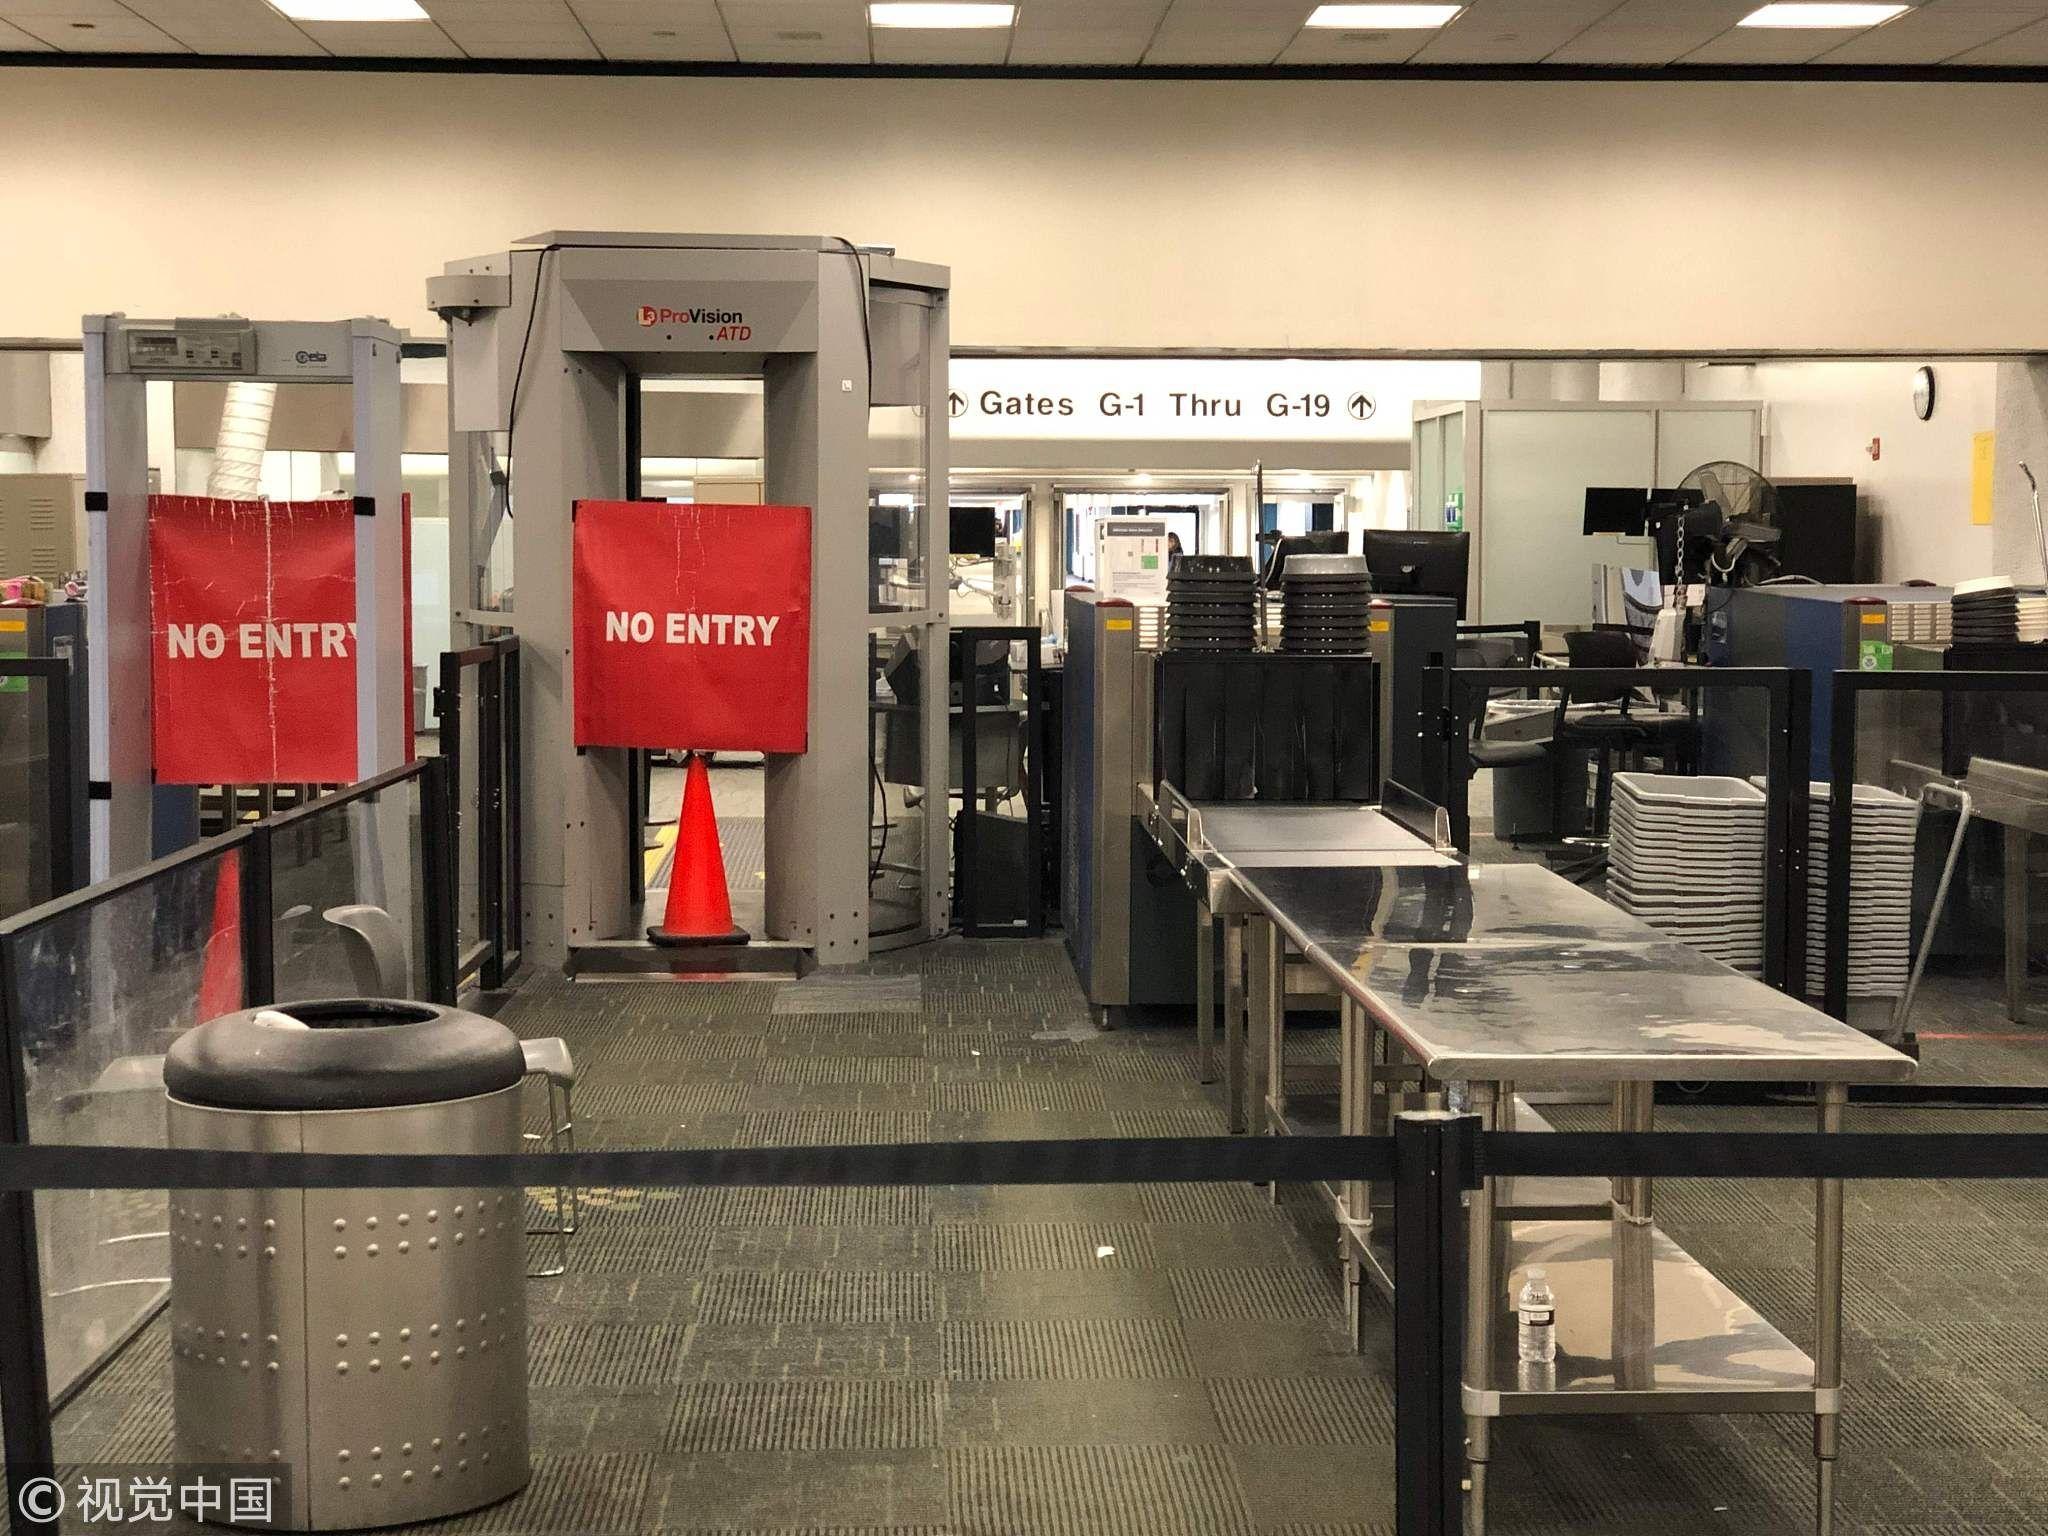 美政府停摆或考验机场安检 携枪旅客曾无障碍登机